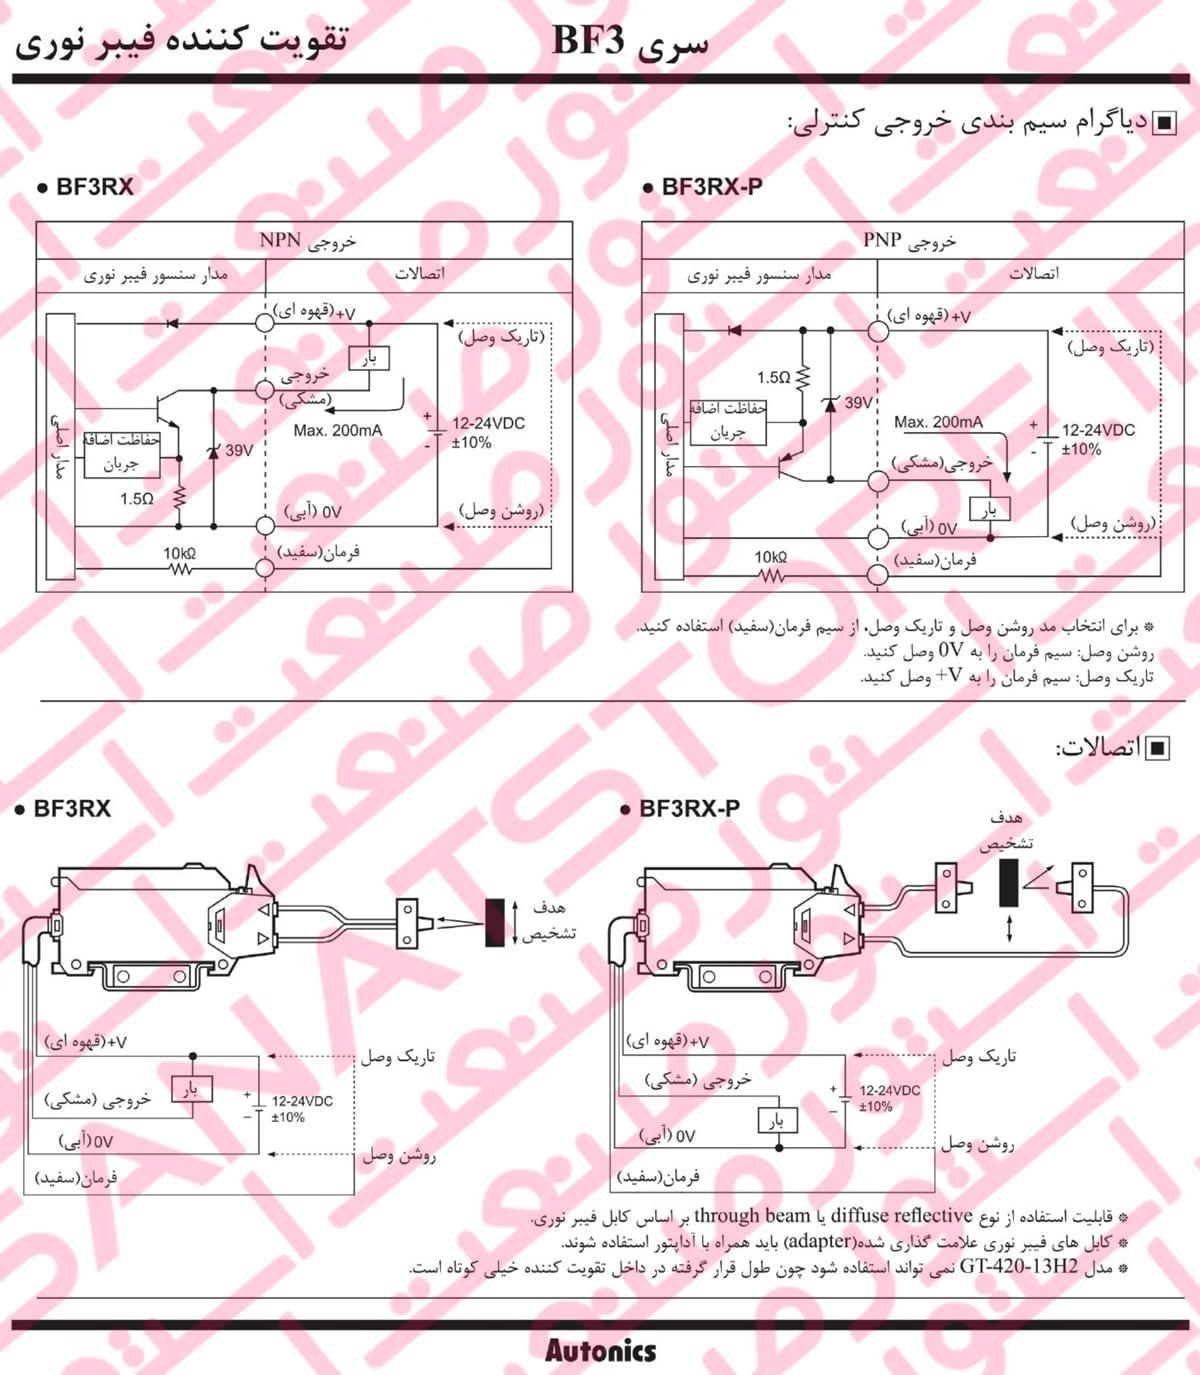 نصب آمپلی فایر فیبر نوری آتونیکس سری BF3 - آمپلی فایر فیبر نوری آتونیکس Autonics مدل BF3RX